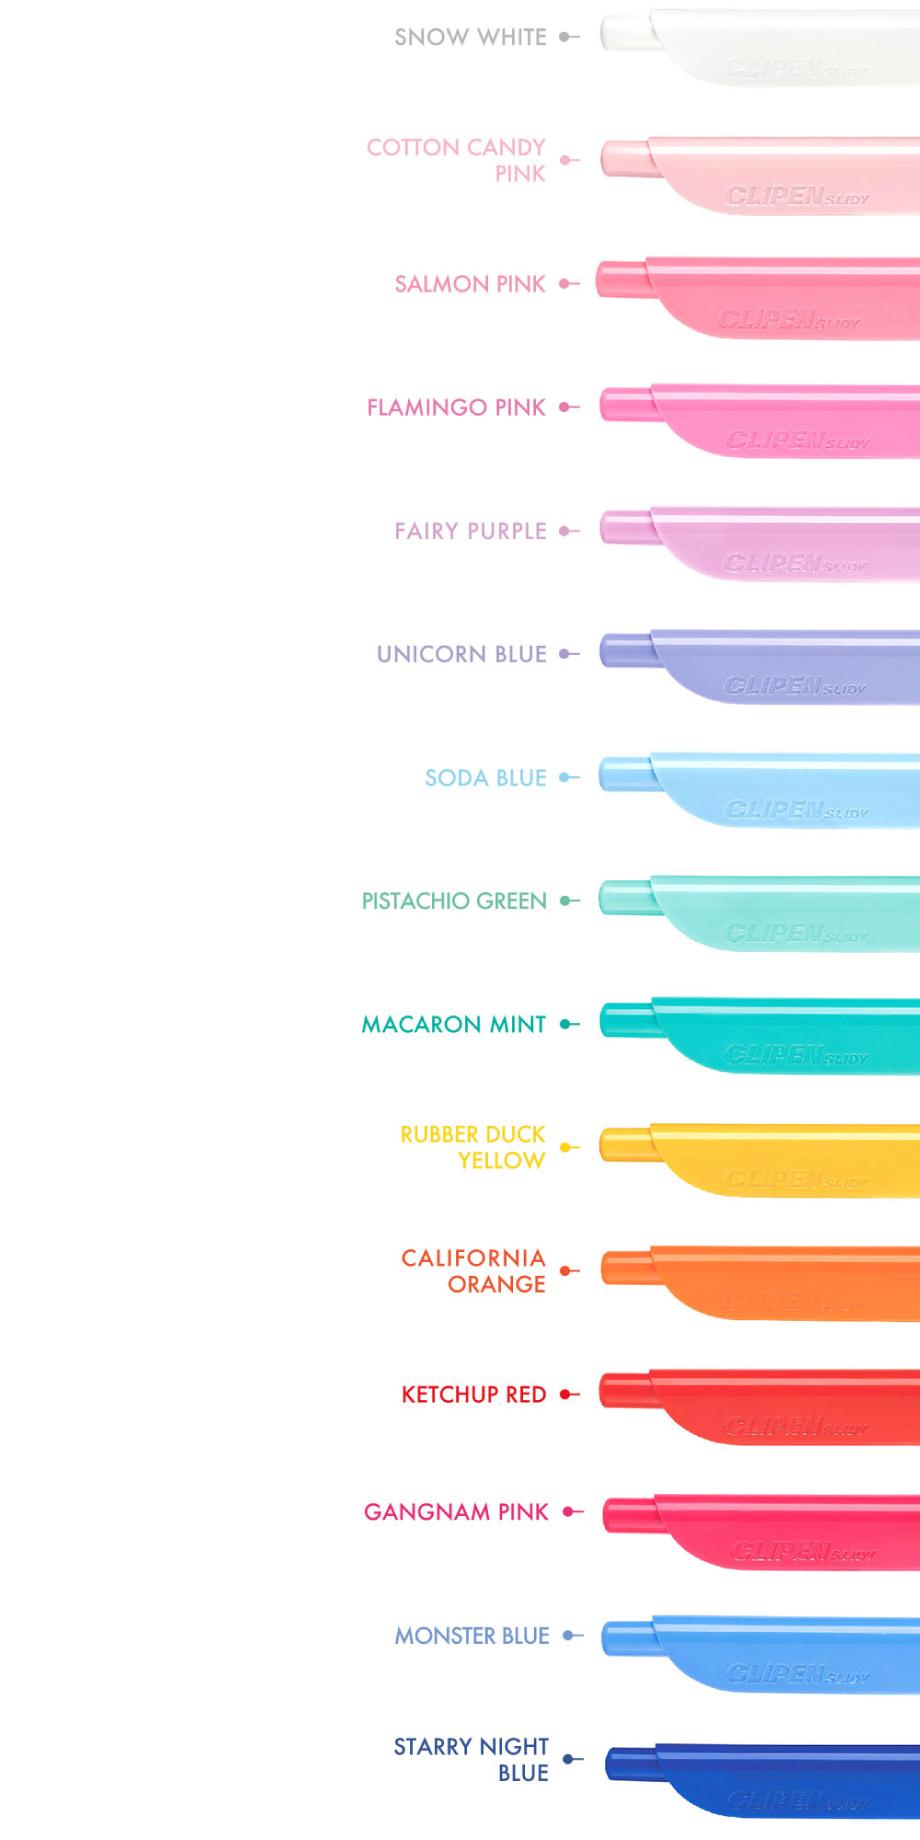 클립펜1,900원-클립펜디자인문구, 필기류, 수성/중성펜, 심플 펜바보사랑클립펜1,900원-클립펜디자인문구, 필기류, 수성/중성펜, 심플 펜바보사랑